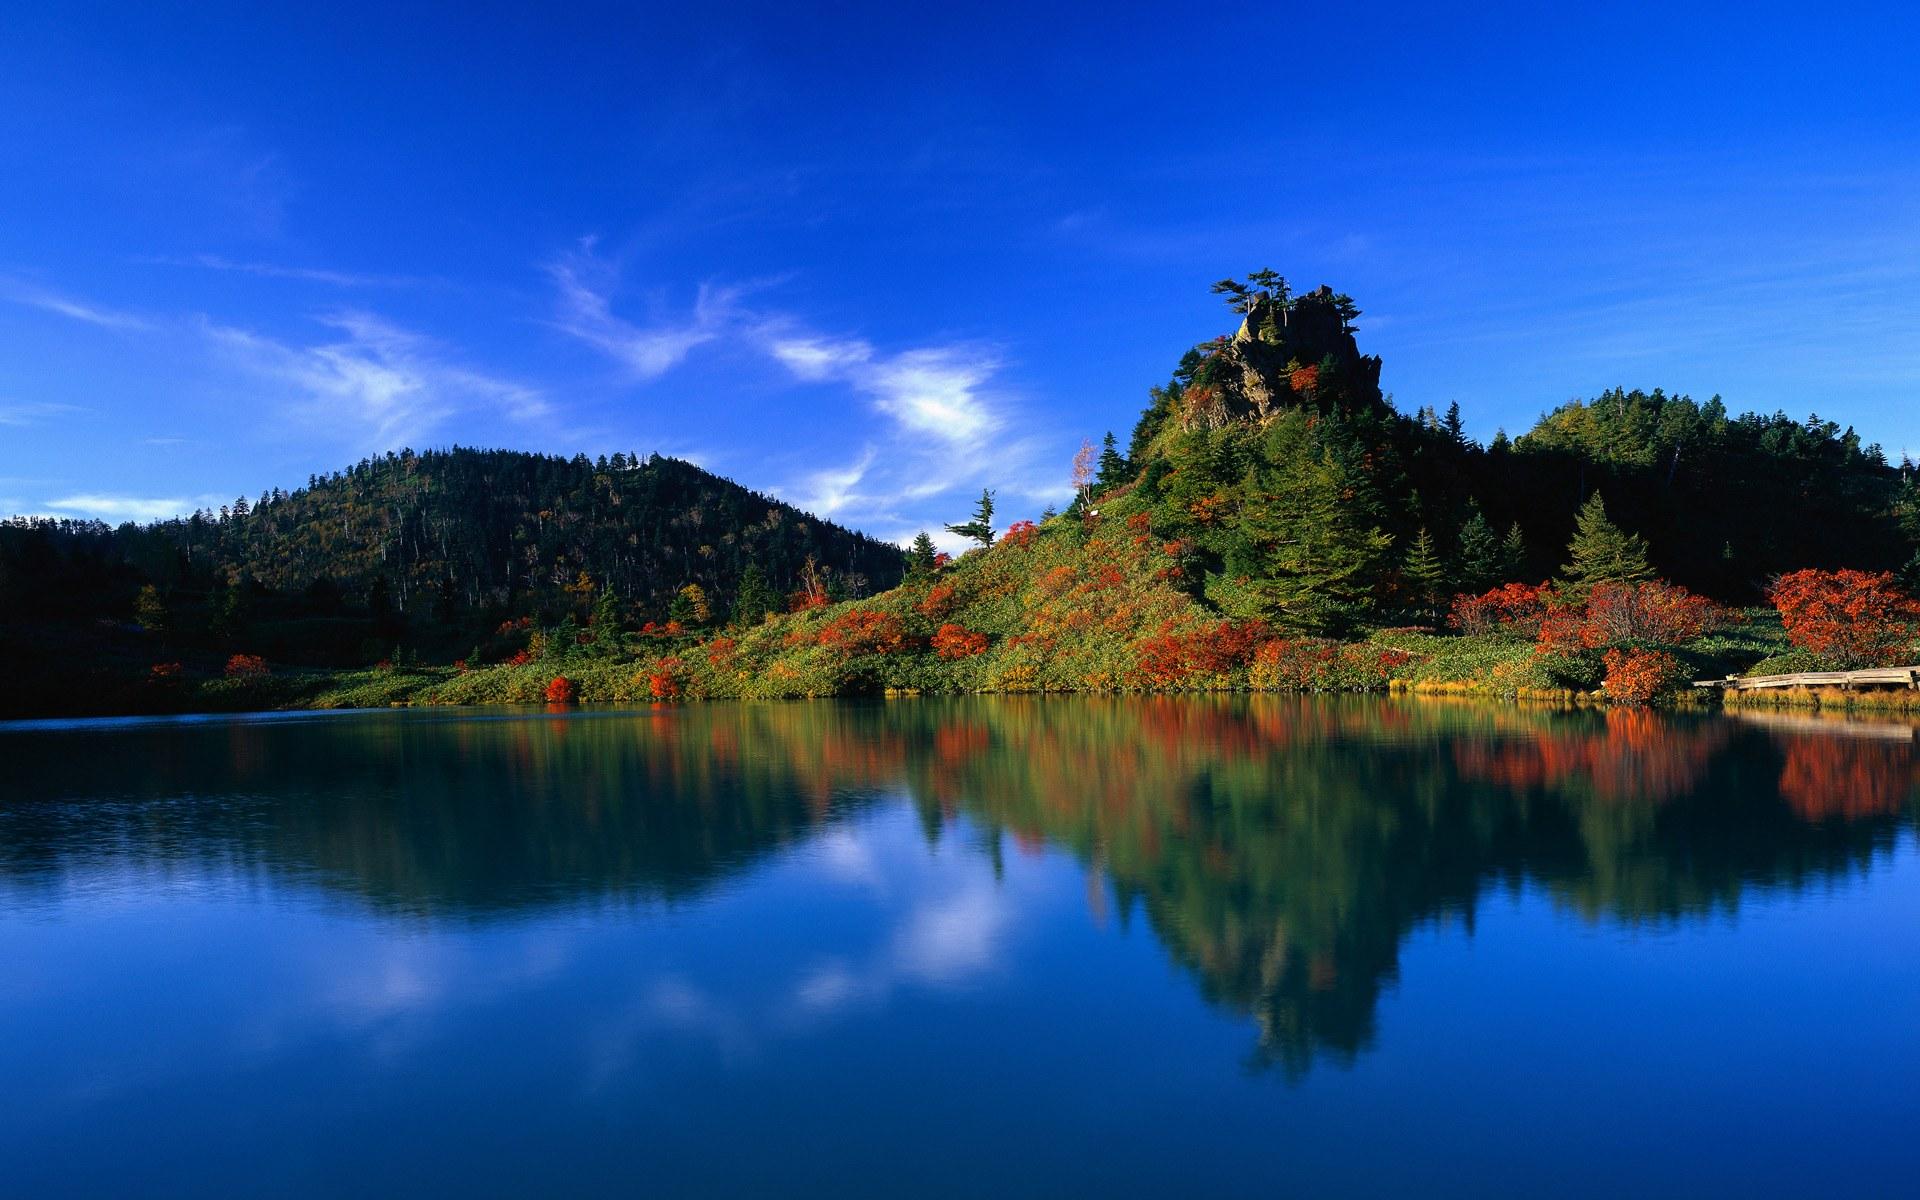 Japan foto: Reflektion af efterårstræer i Yumi-ike dammen, Gunma prefektur